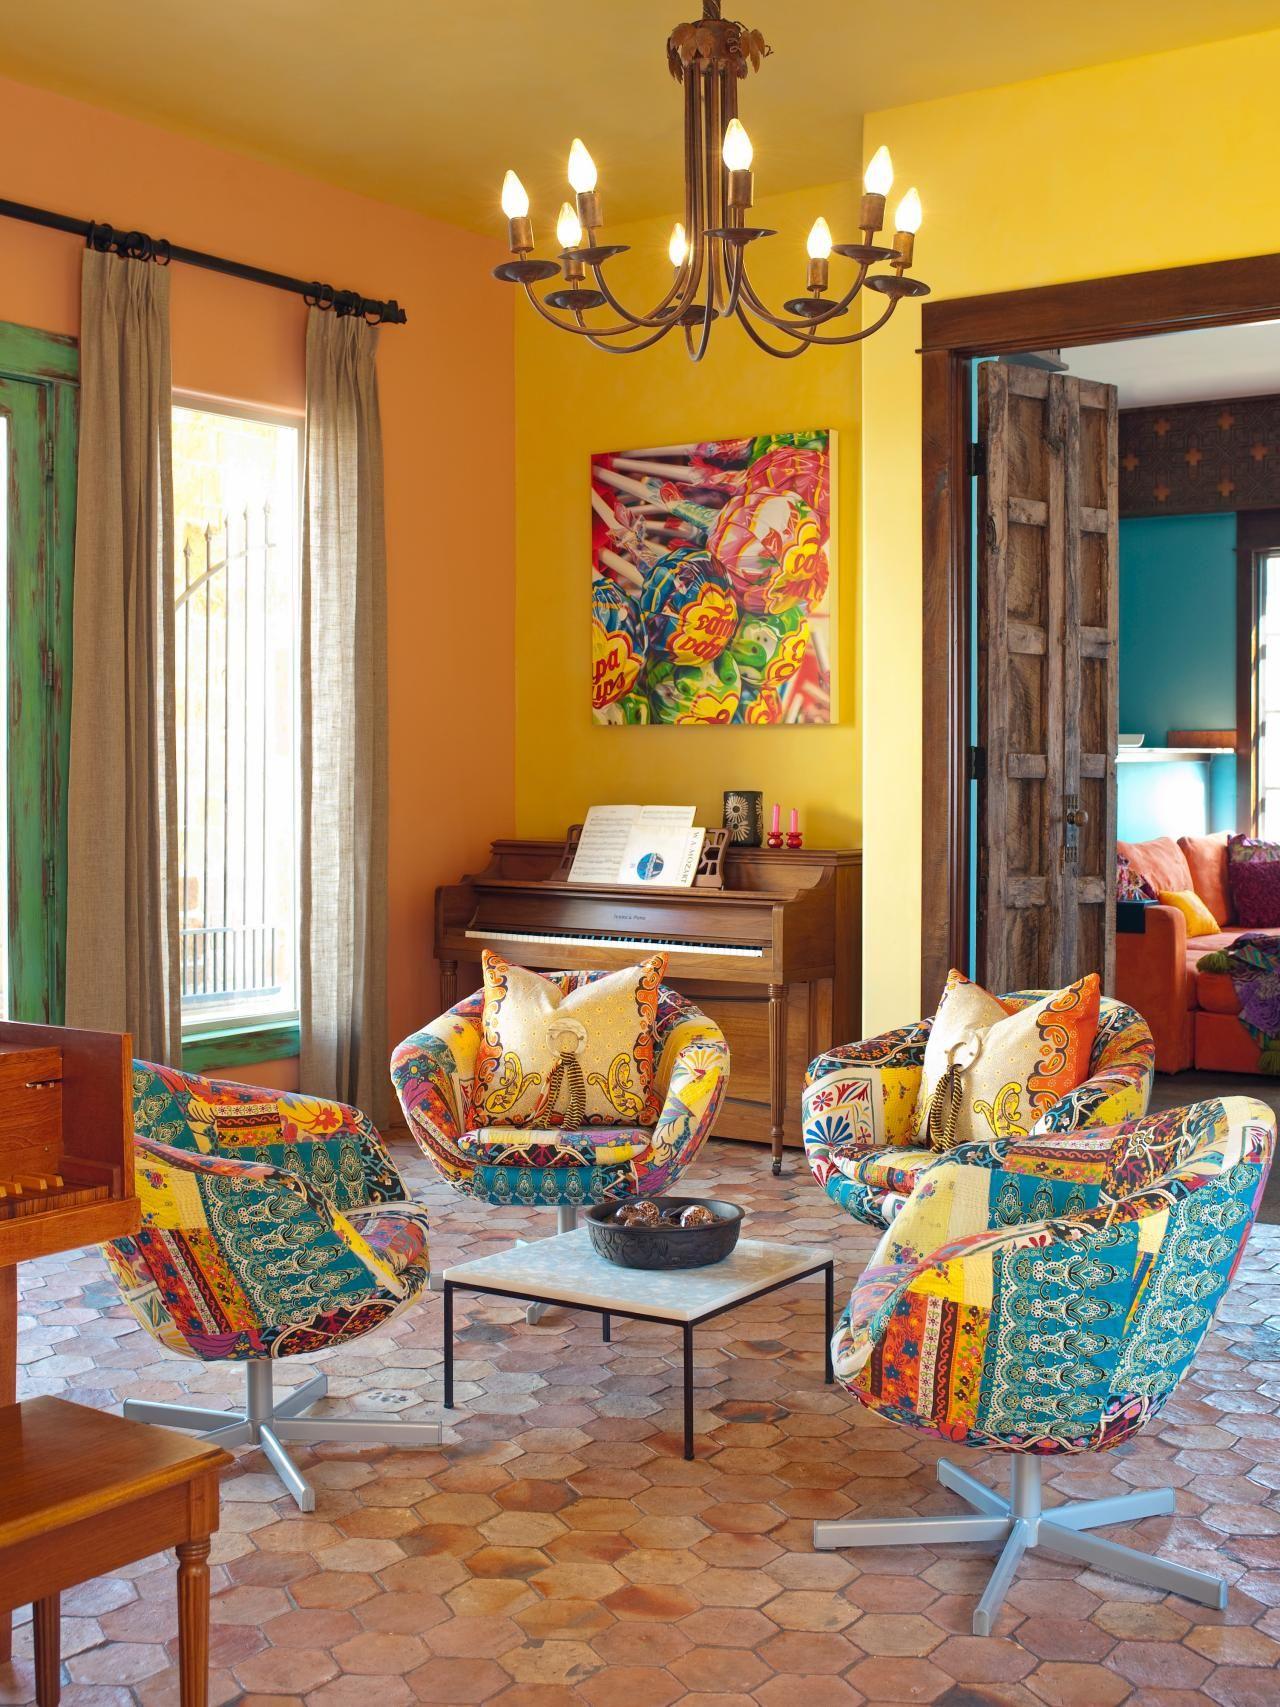 Hgtv Living Room Designs Living Room Design Styles  Kitchen Backsplash Room Decorating